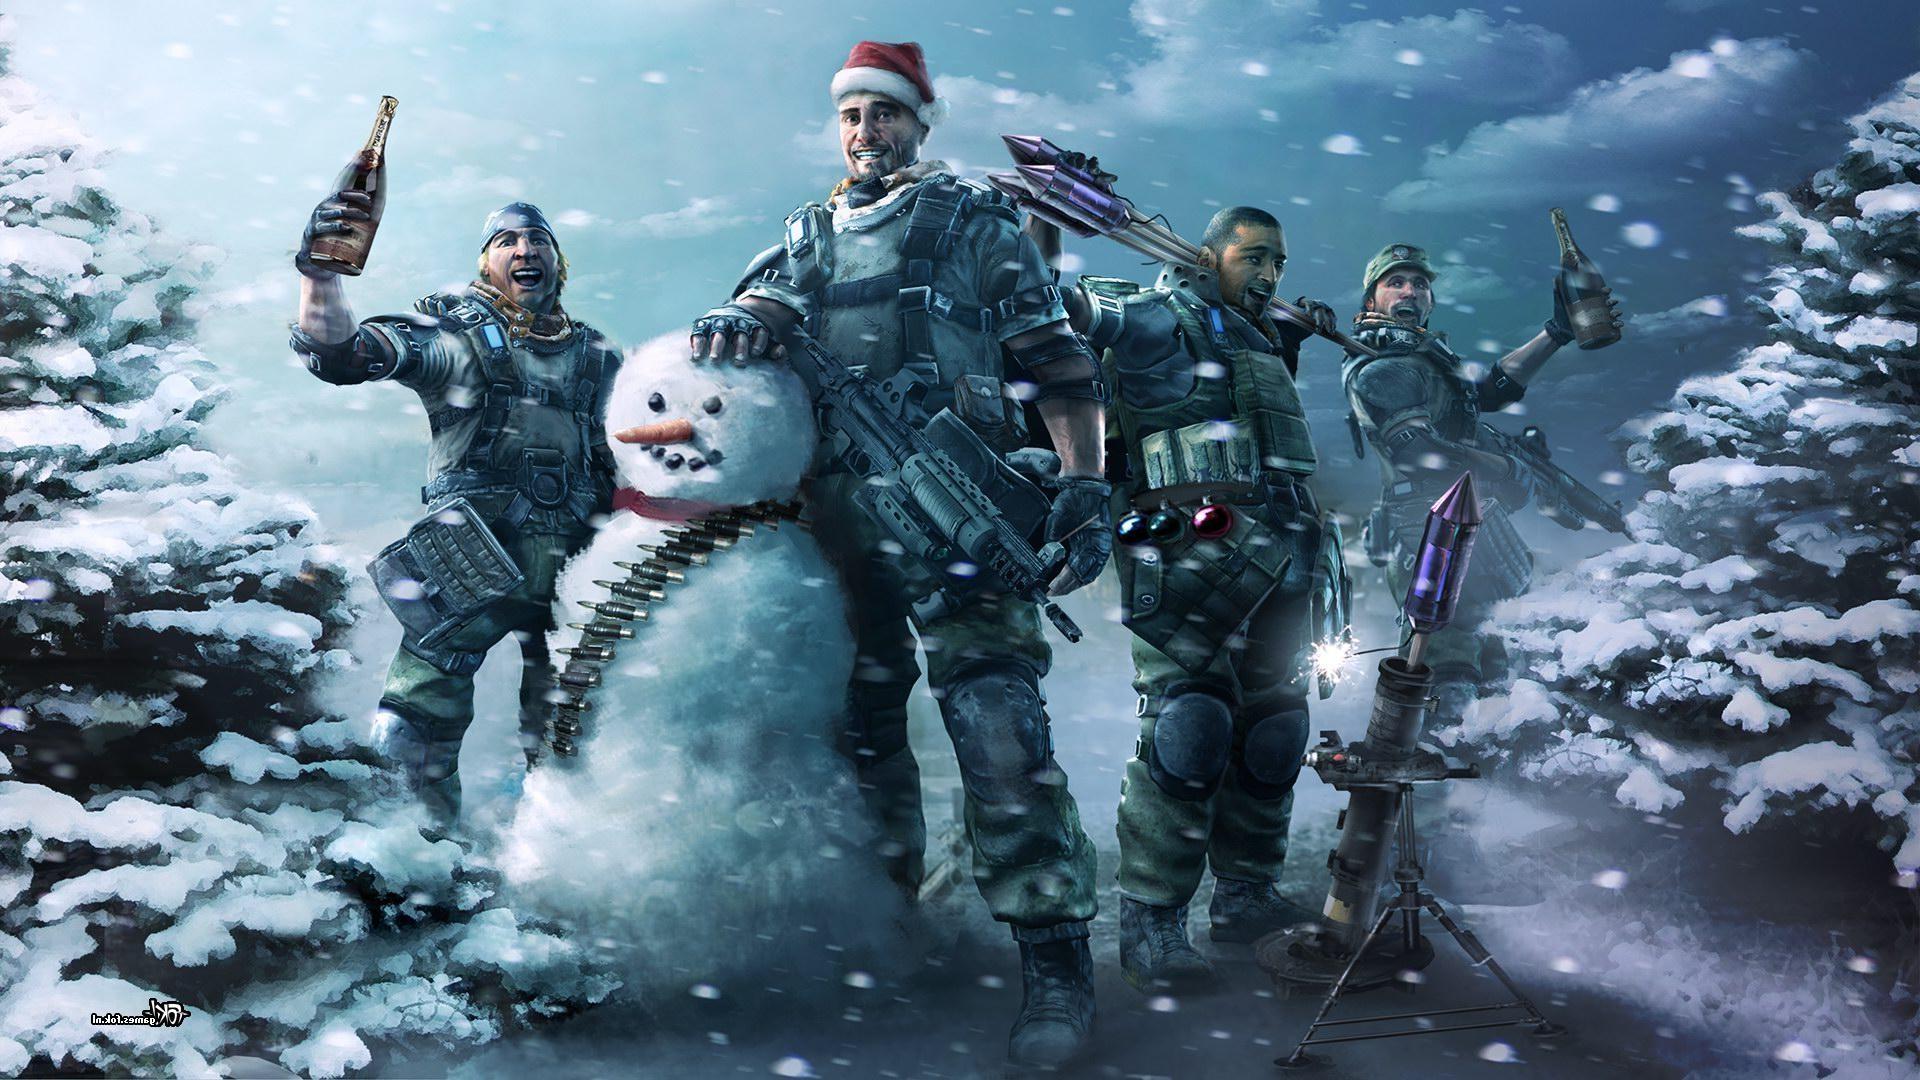 Hintergrundbilder : Gewehr, Schnee, Winter, Wein, Soldat, Todeszone ...